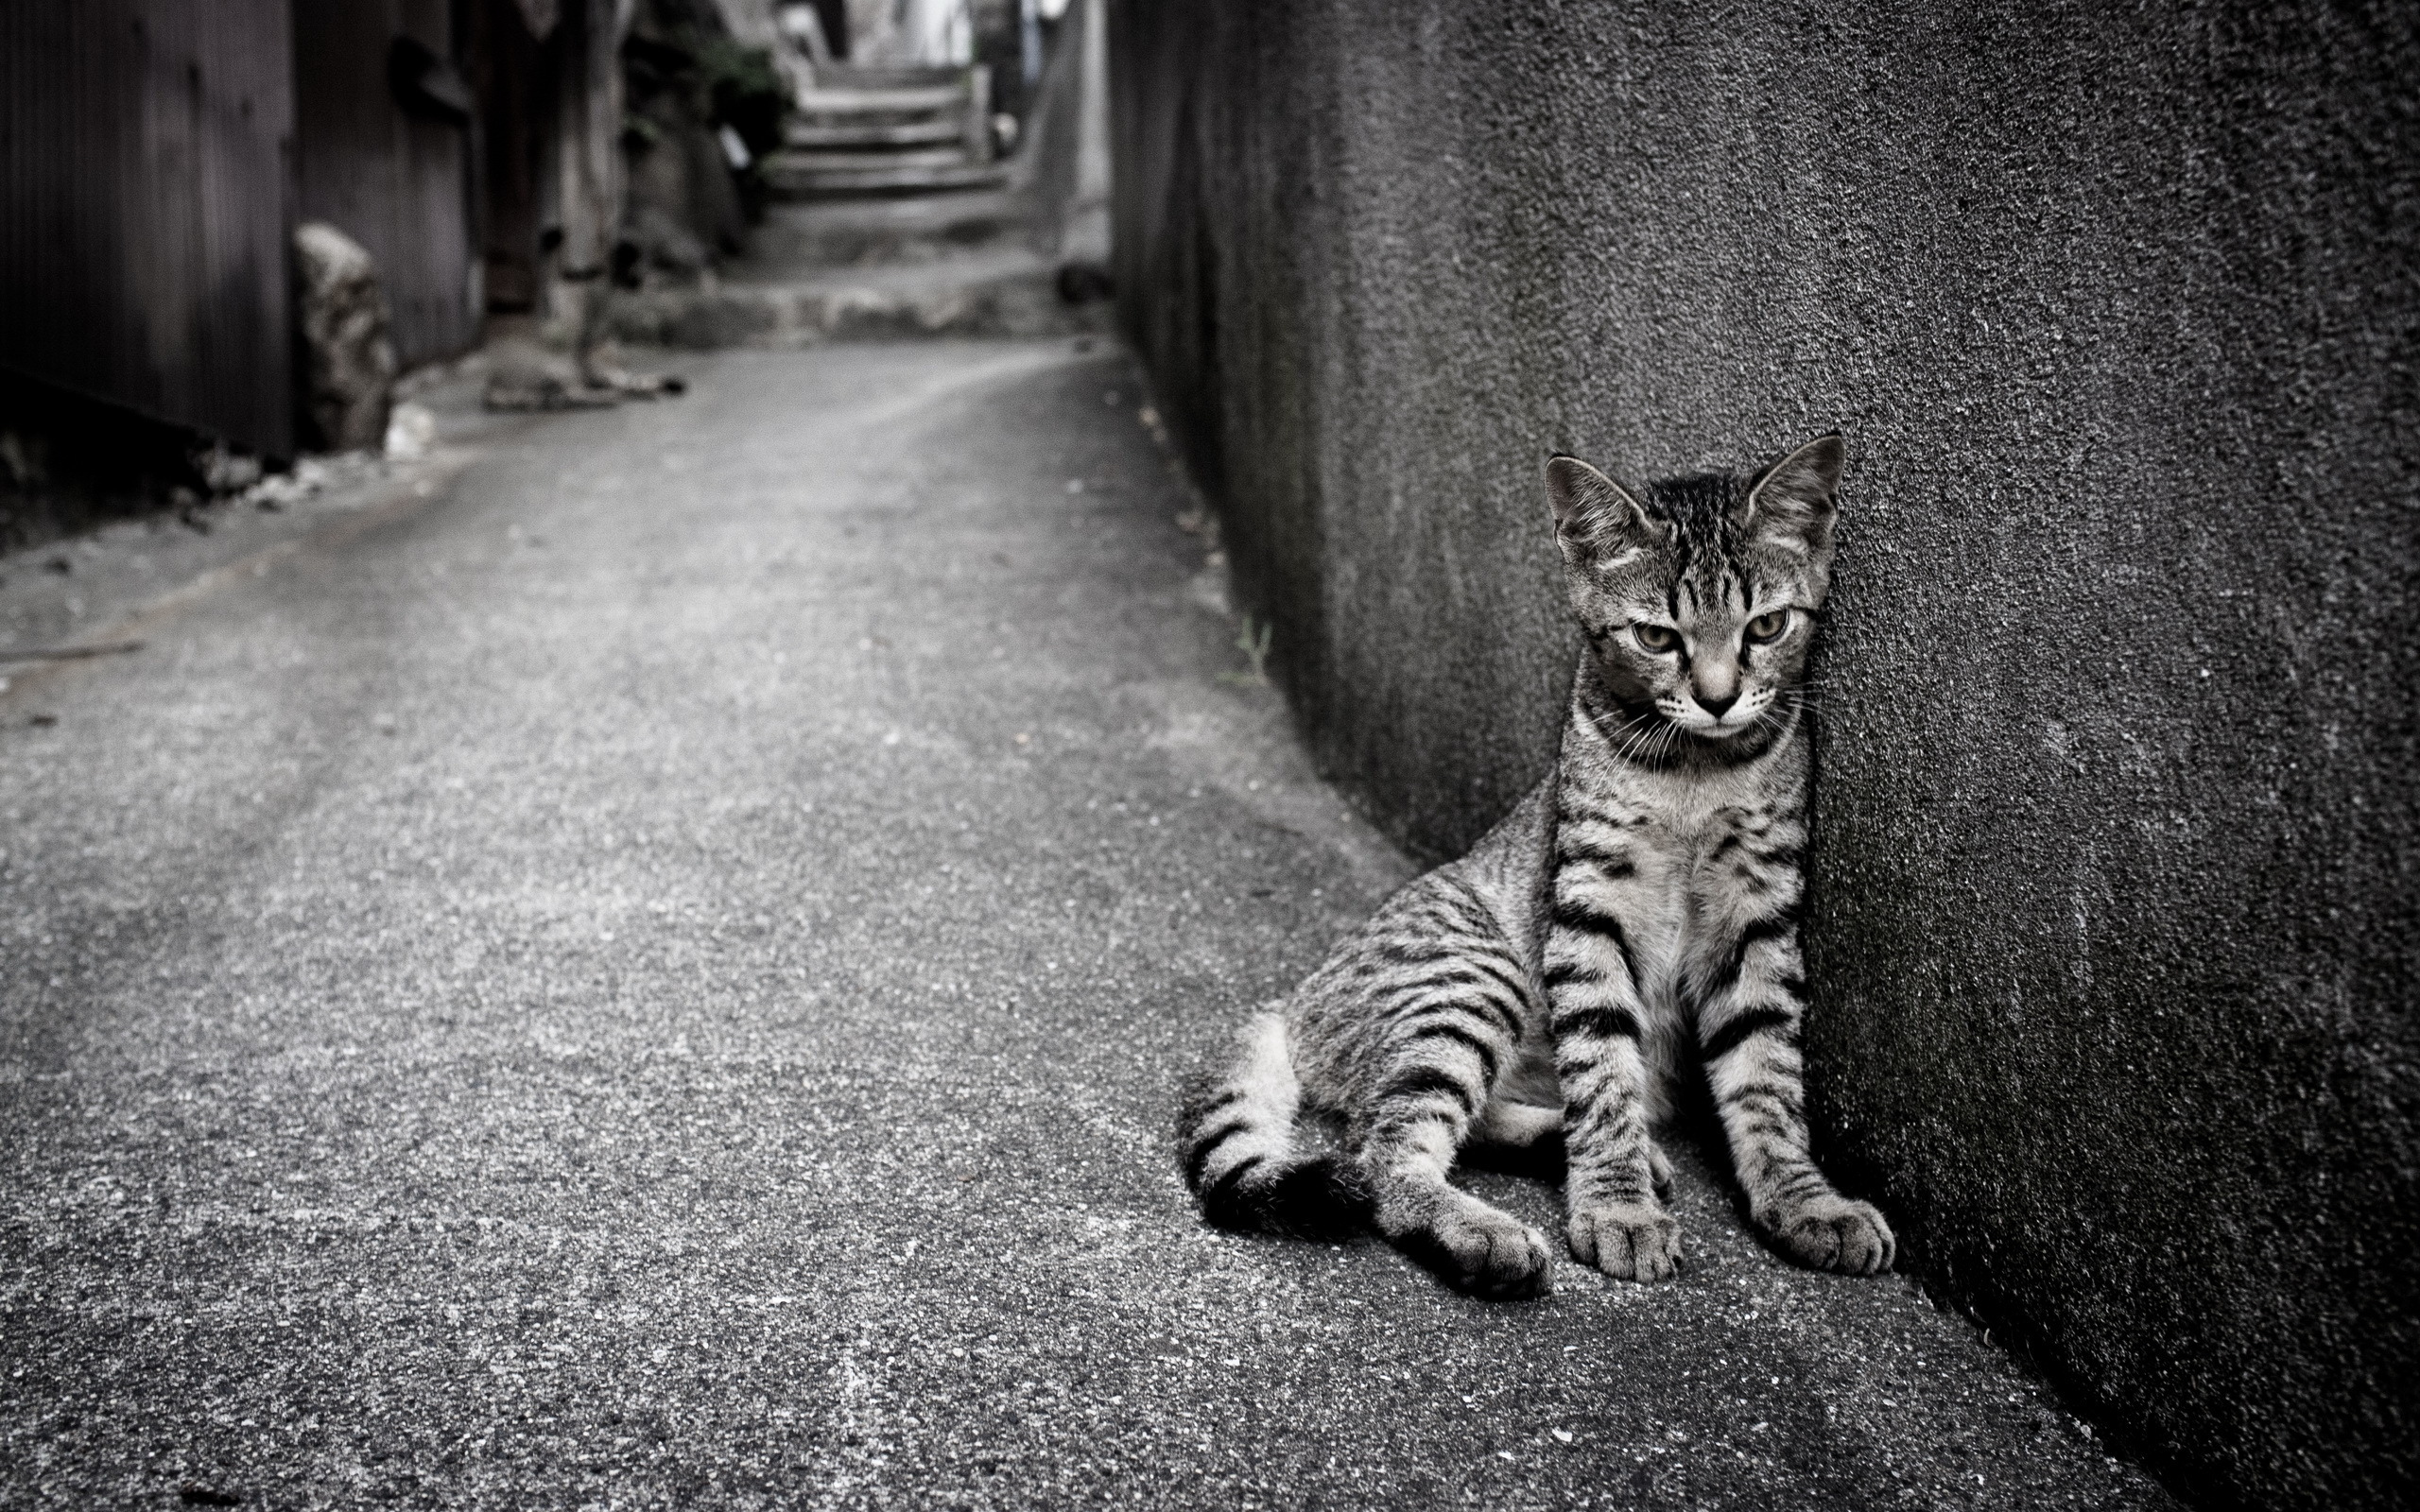 грустный кот дождь анимация бесплатно